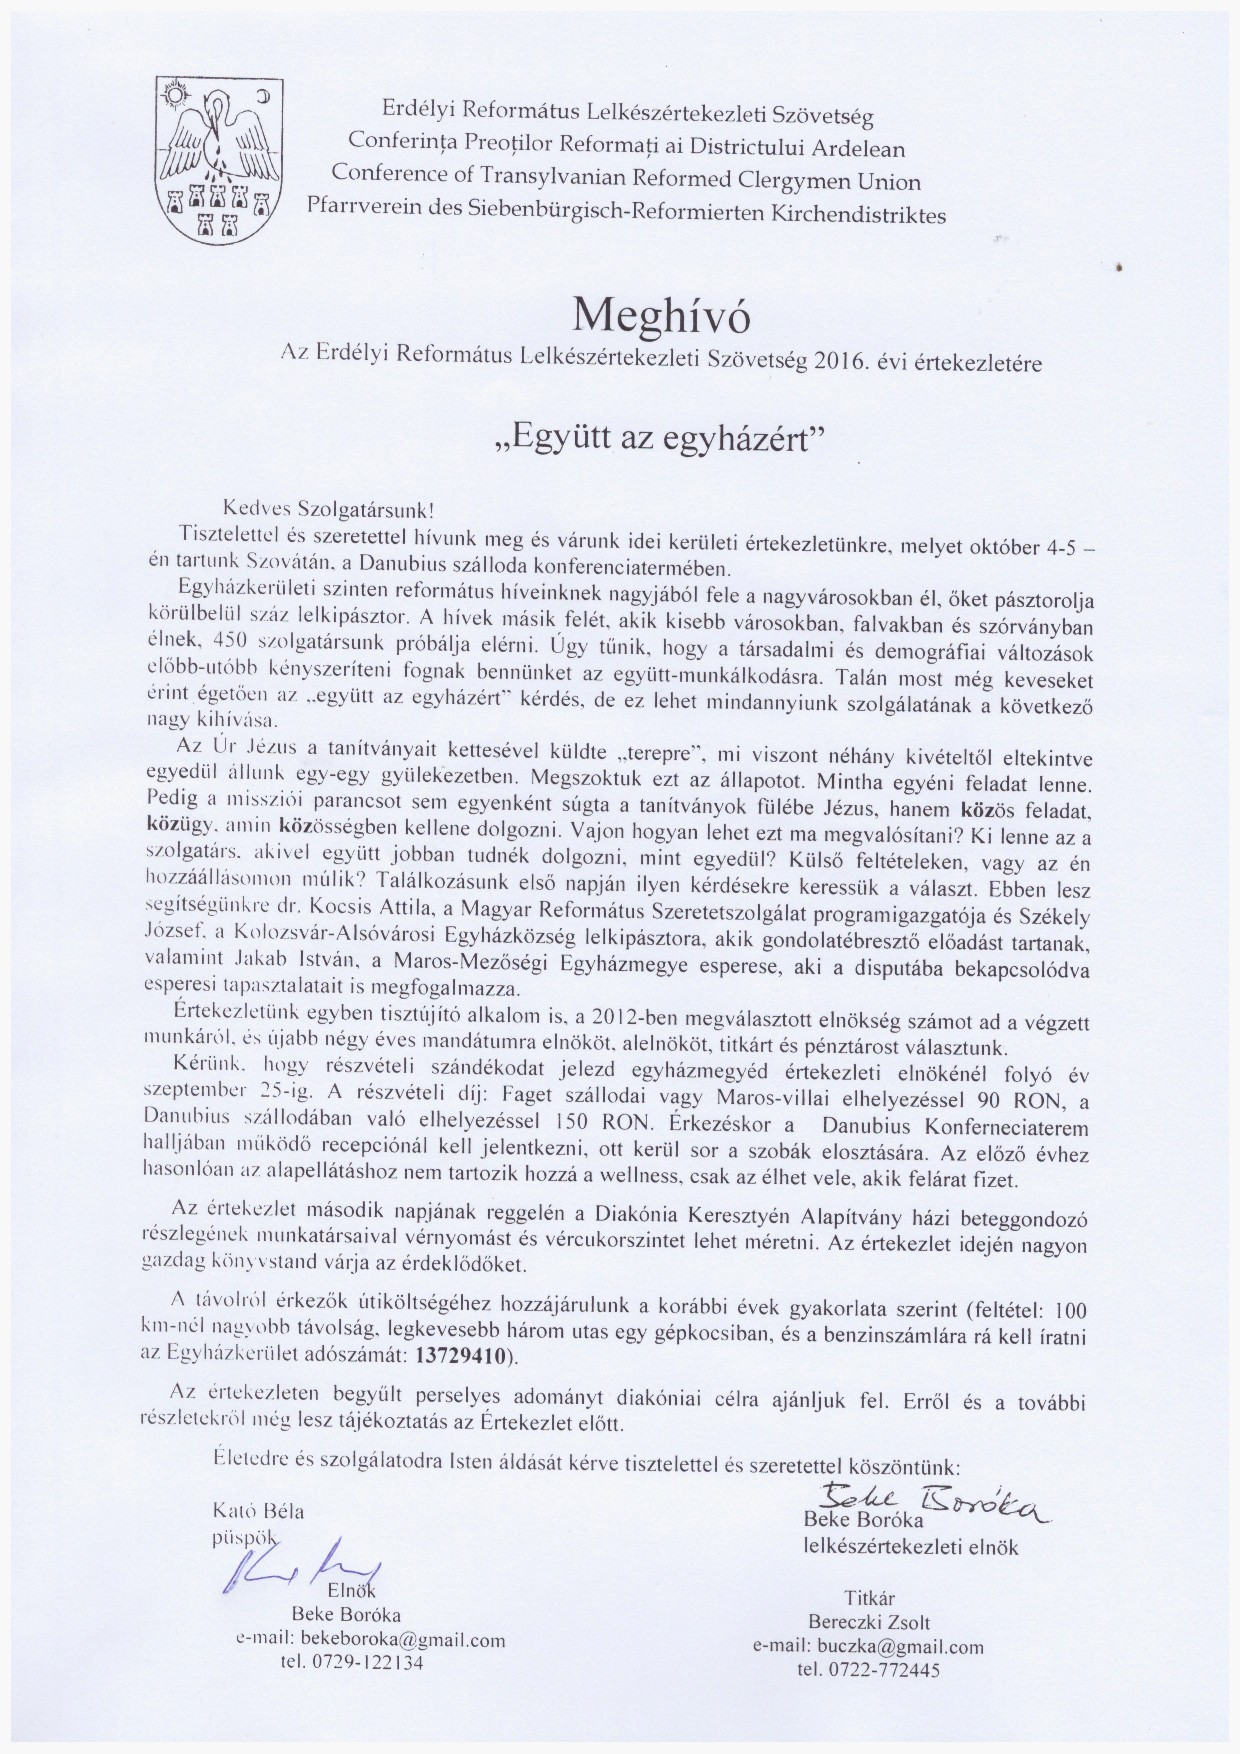 Meghívó az Erdélyi Református Lelkészértekezleti Szövetség 2016. évi értekezletére